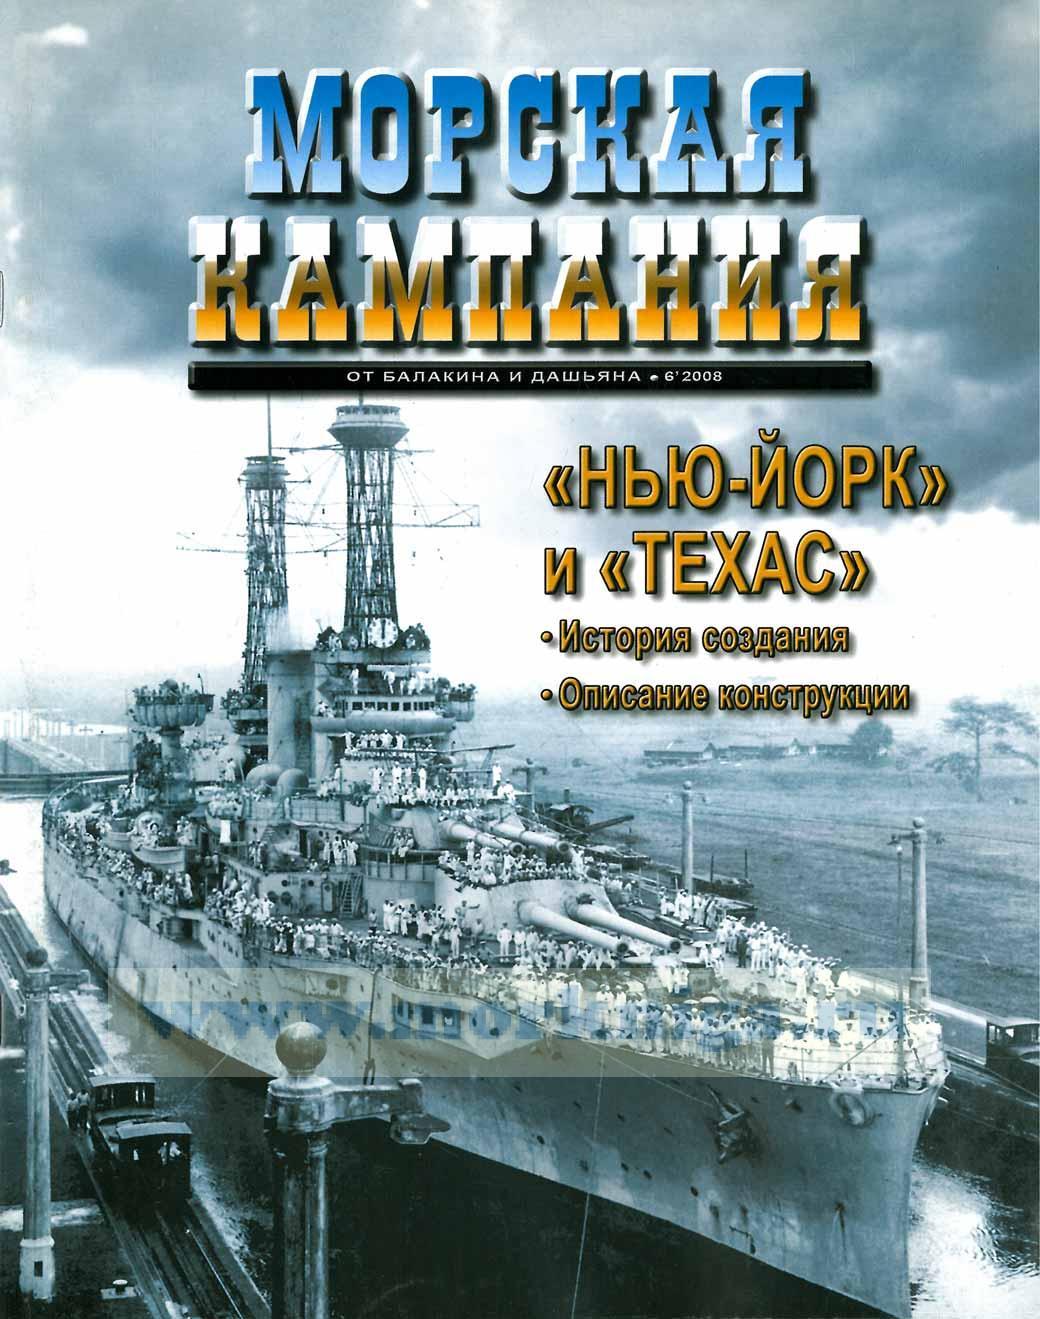 """Журнал """"Морская кампания"""" (от Балакина и Дашьяна) № 6/2008"""